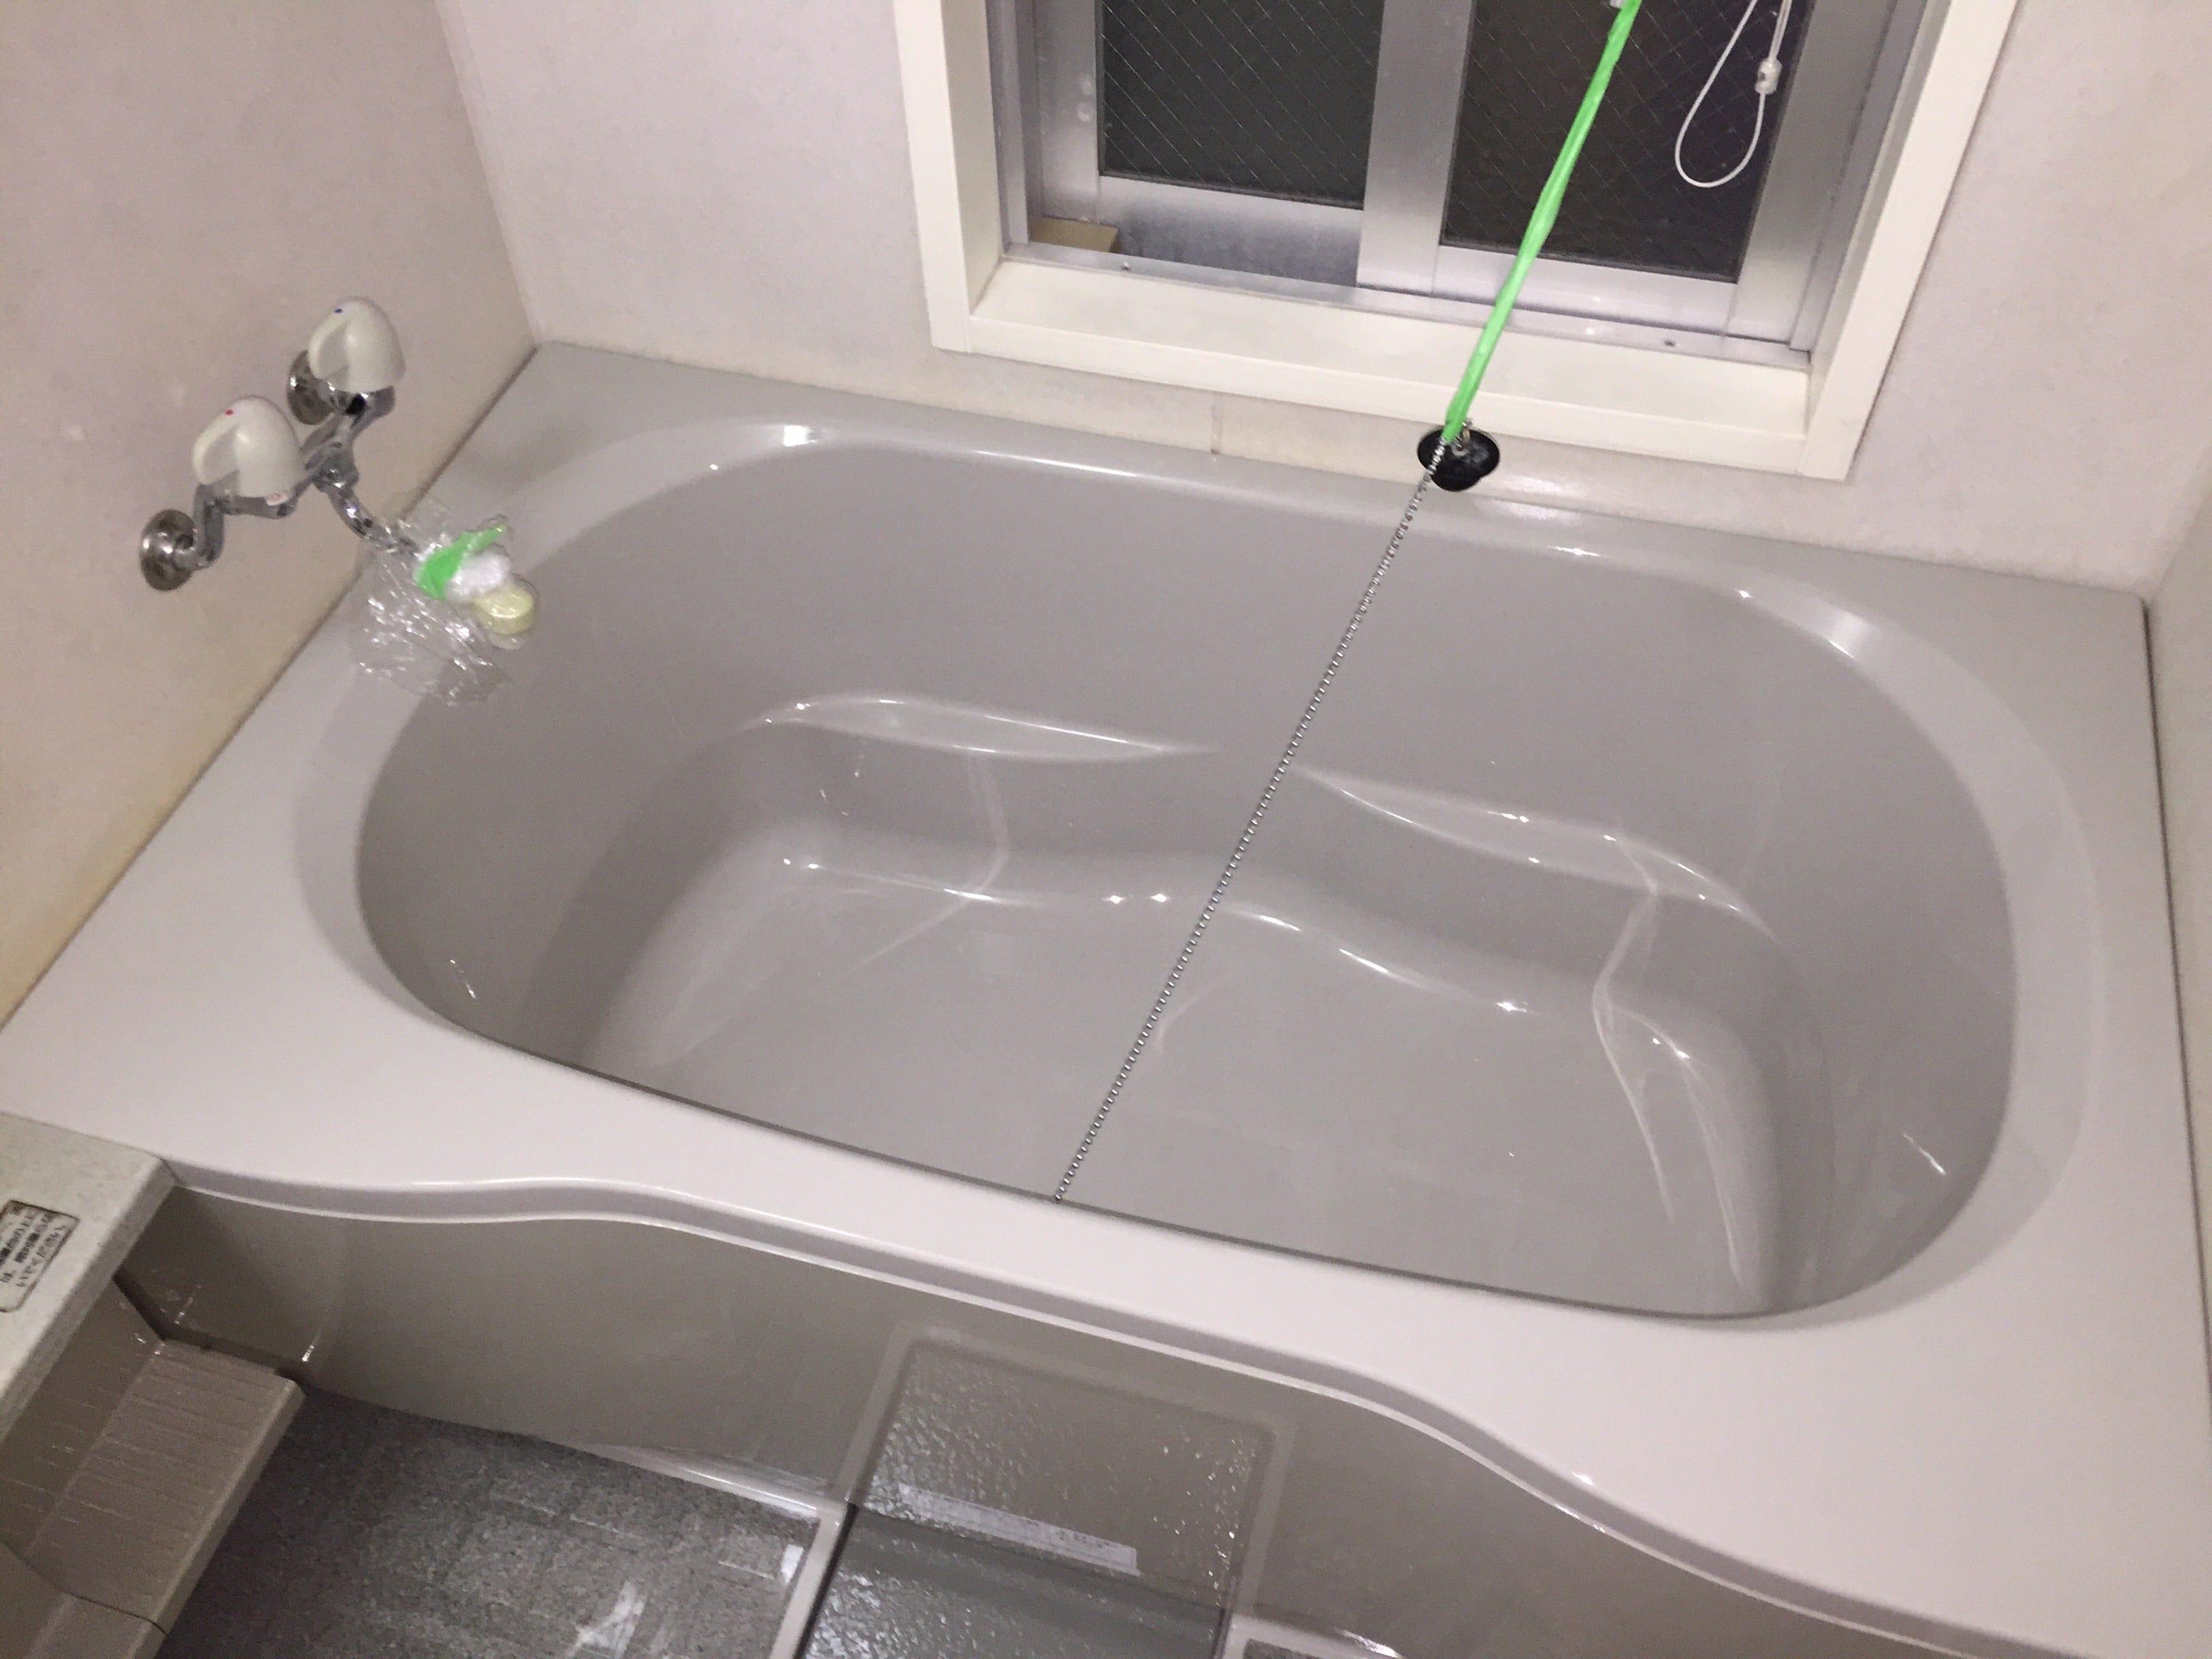 浴室の超耐久汚れキズ防止ガラス被膜コーティング(新築住宅向け)のイメージその2